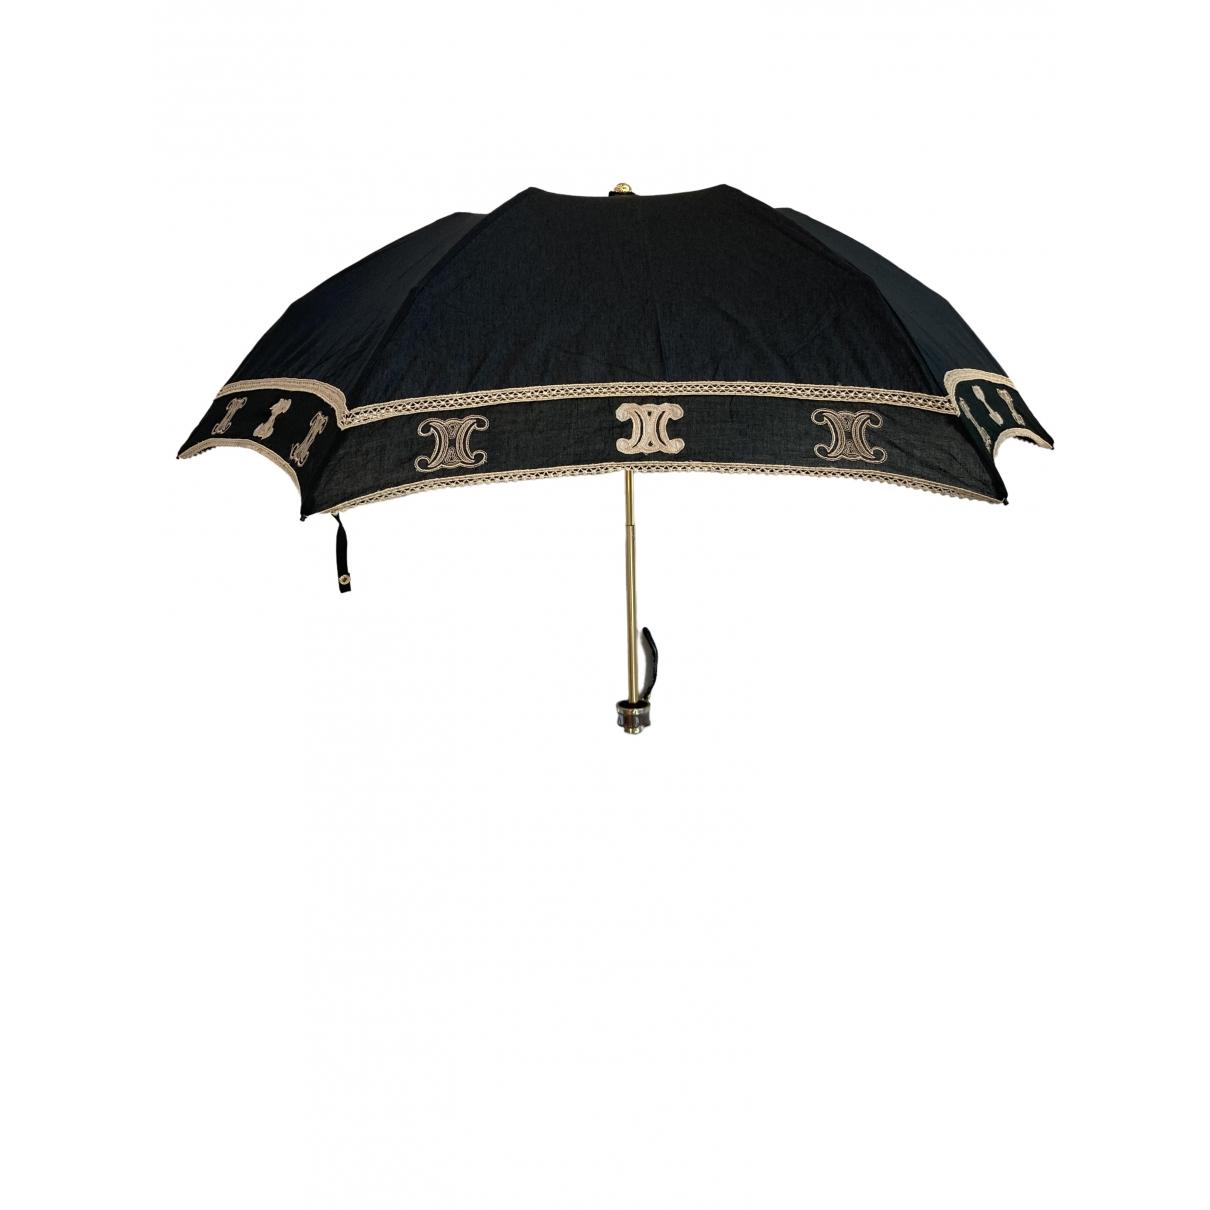 Paraguas de Lona Celine